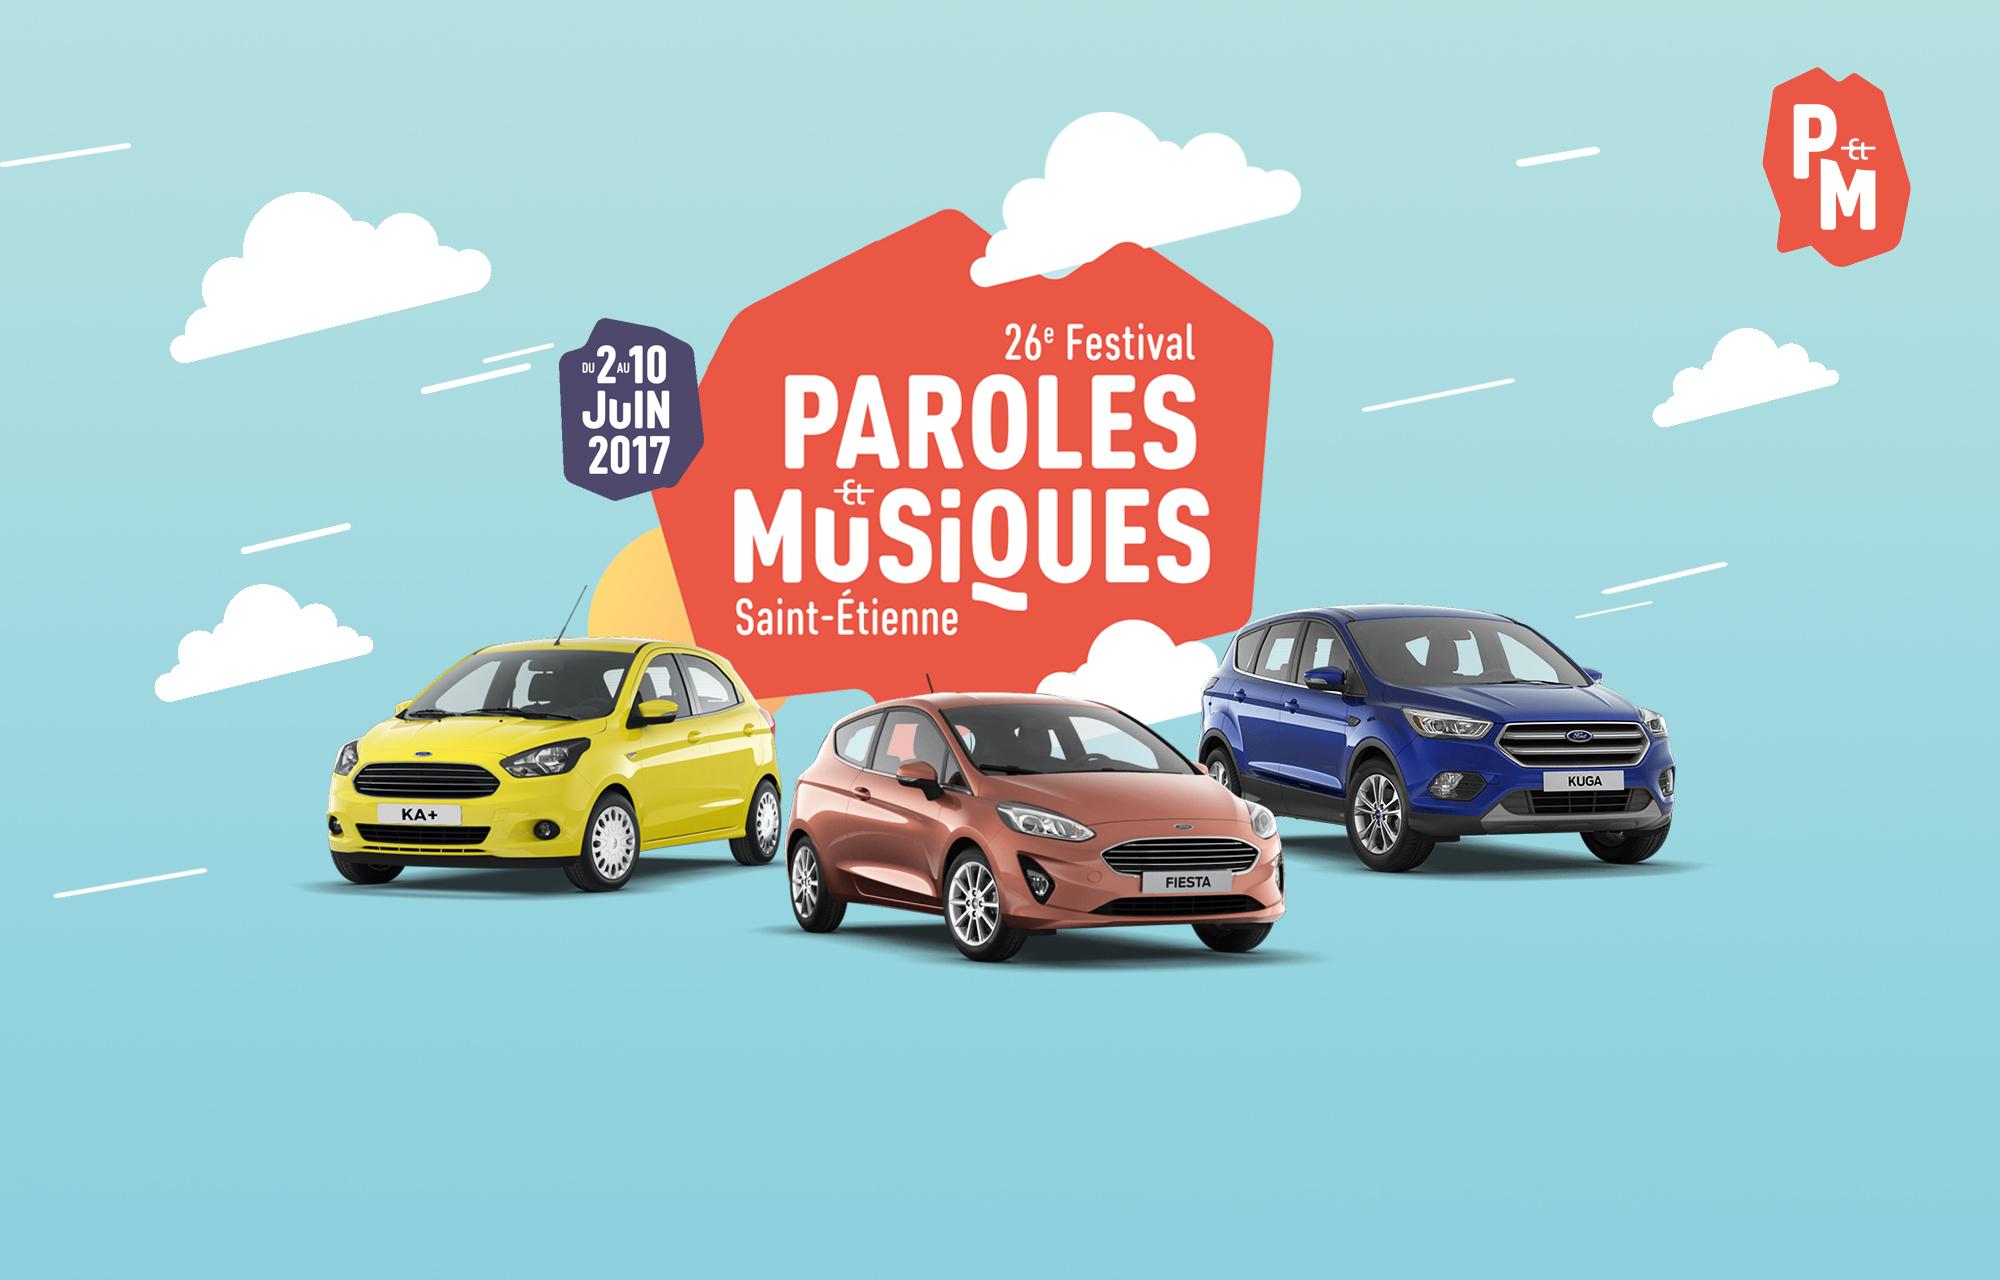 Festival Paroles et Musiques